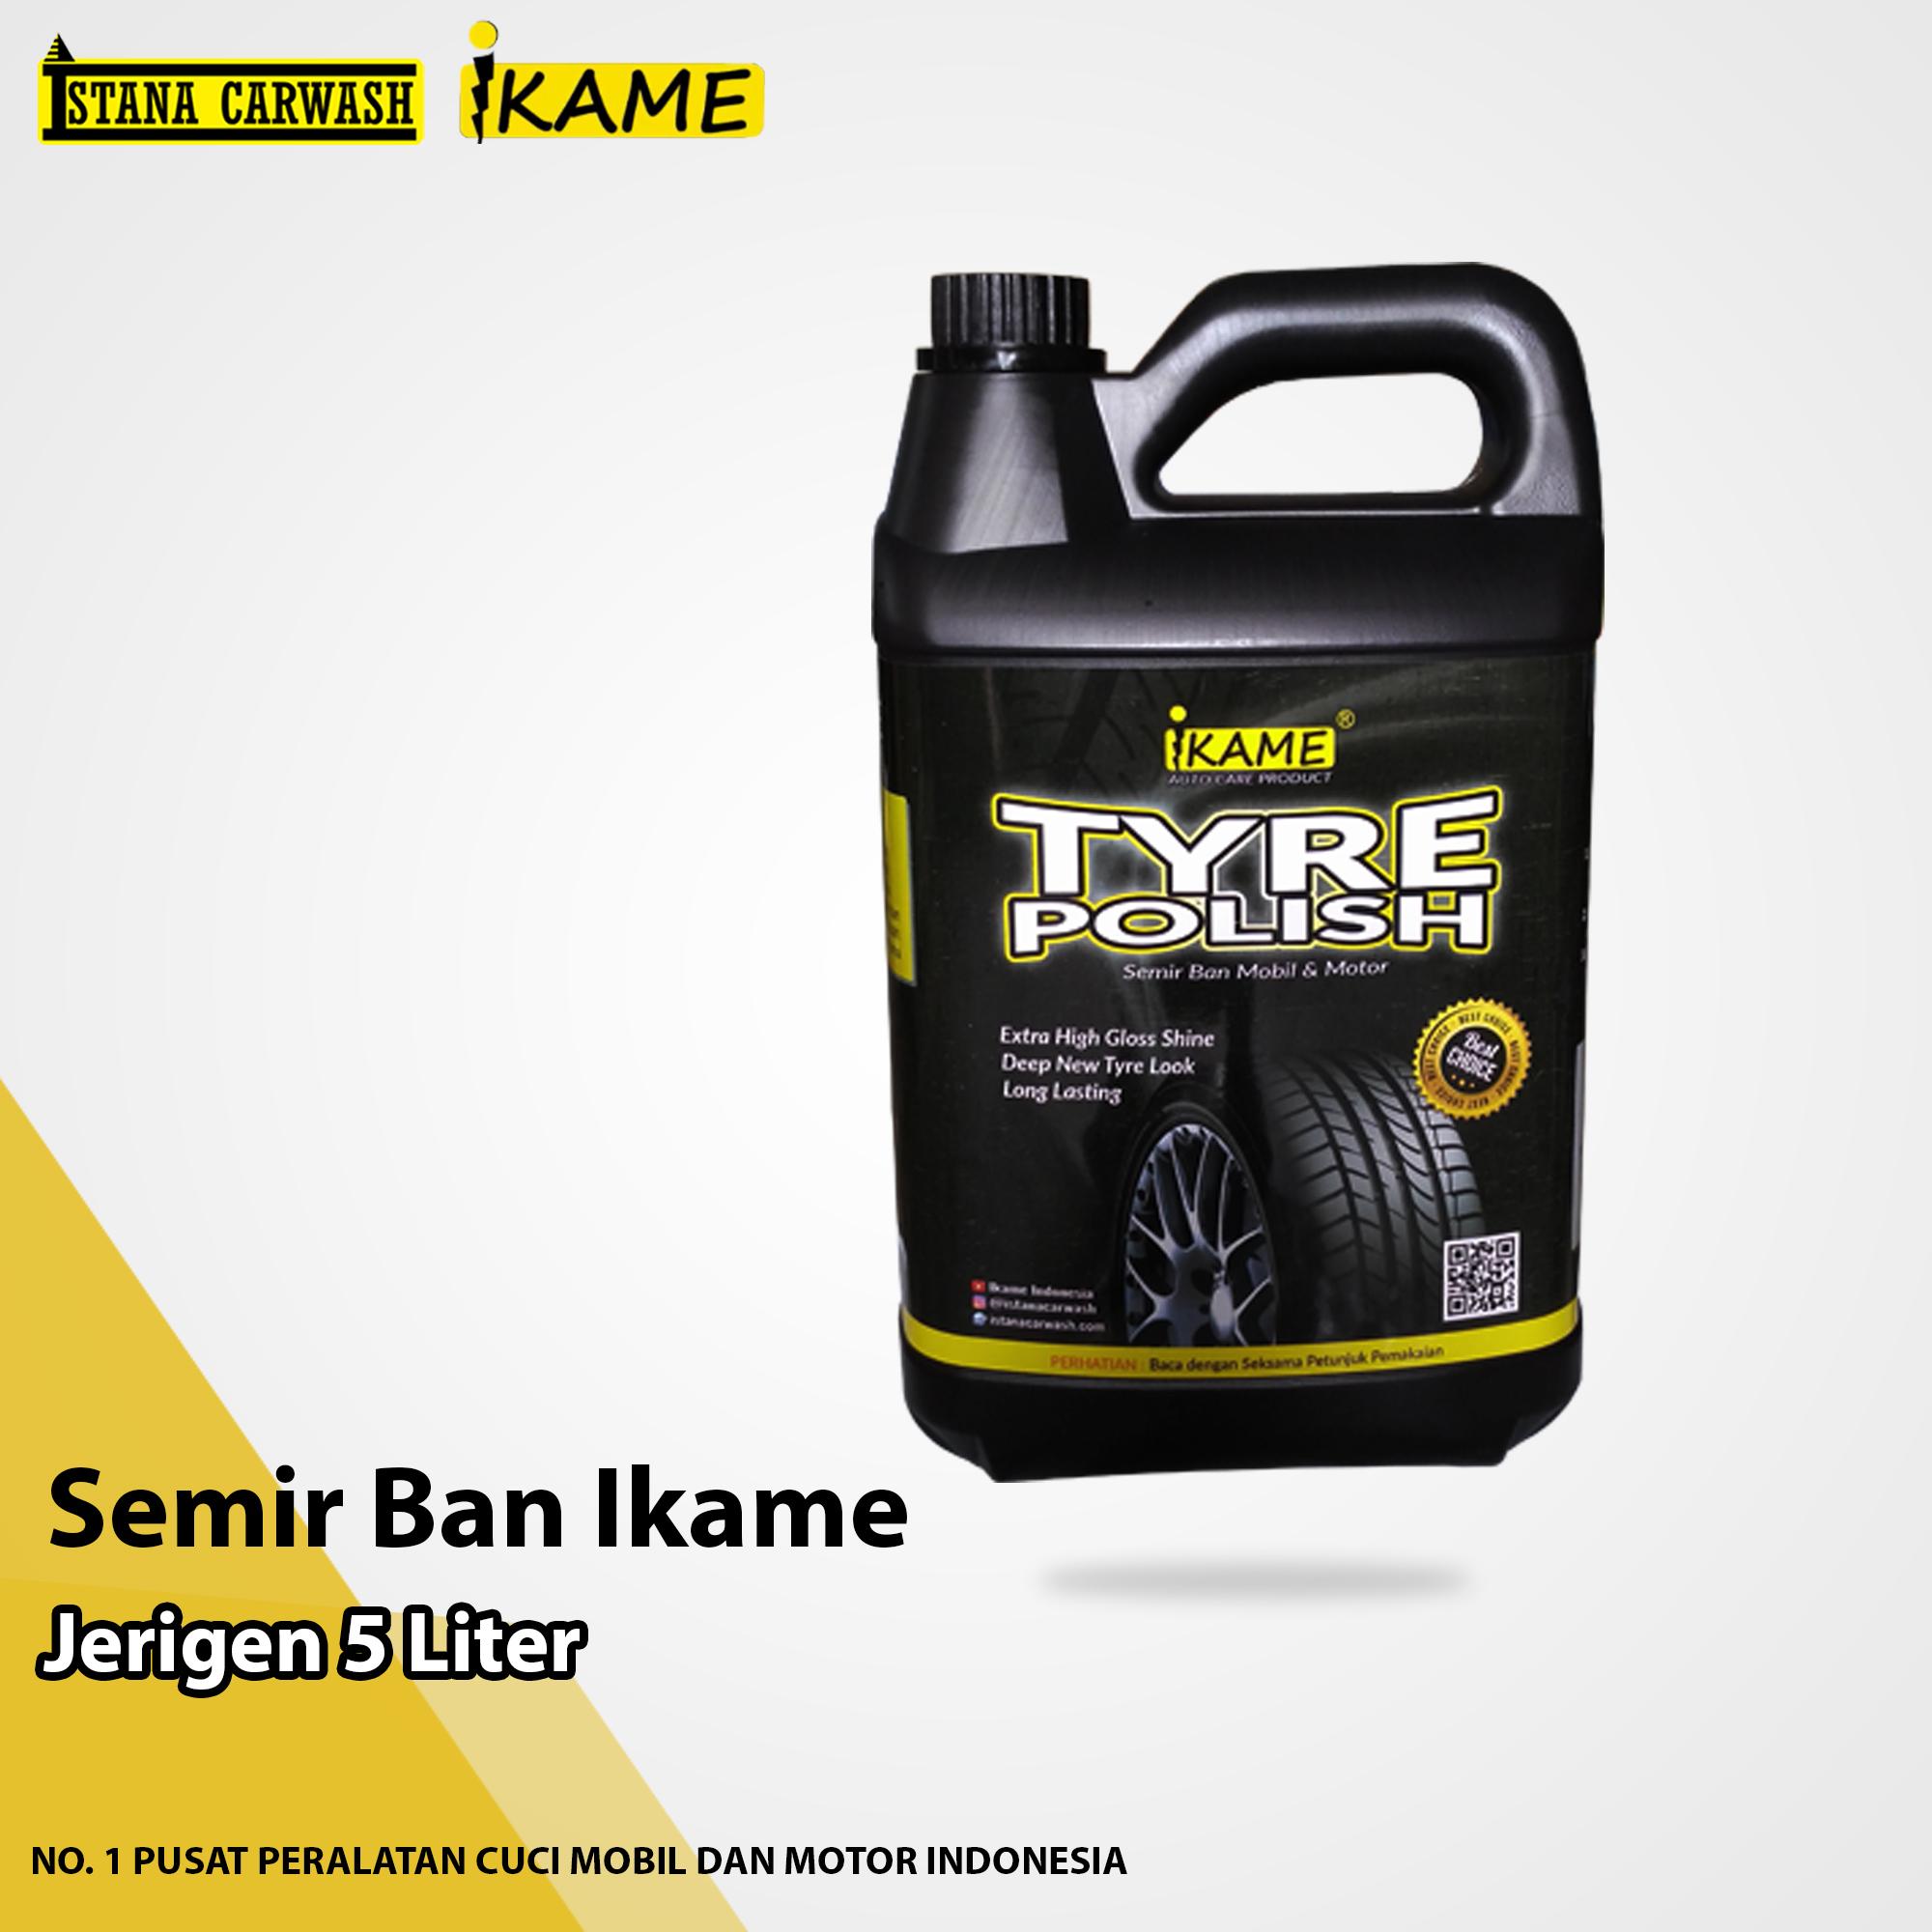 Semir Ban Ikame Jerigen 5 Liter